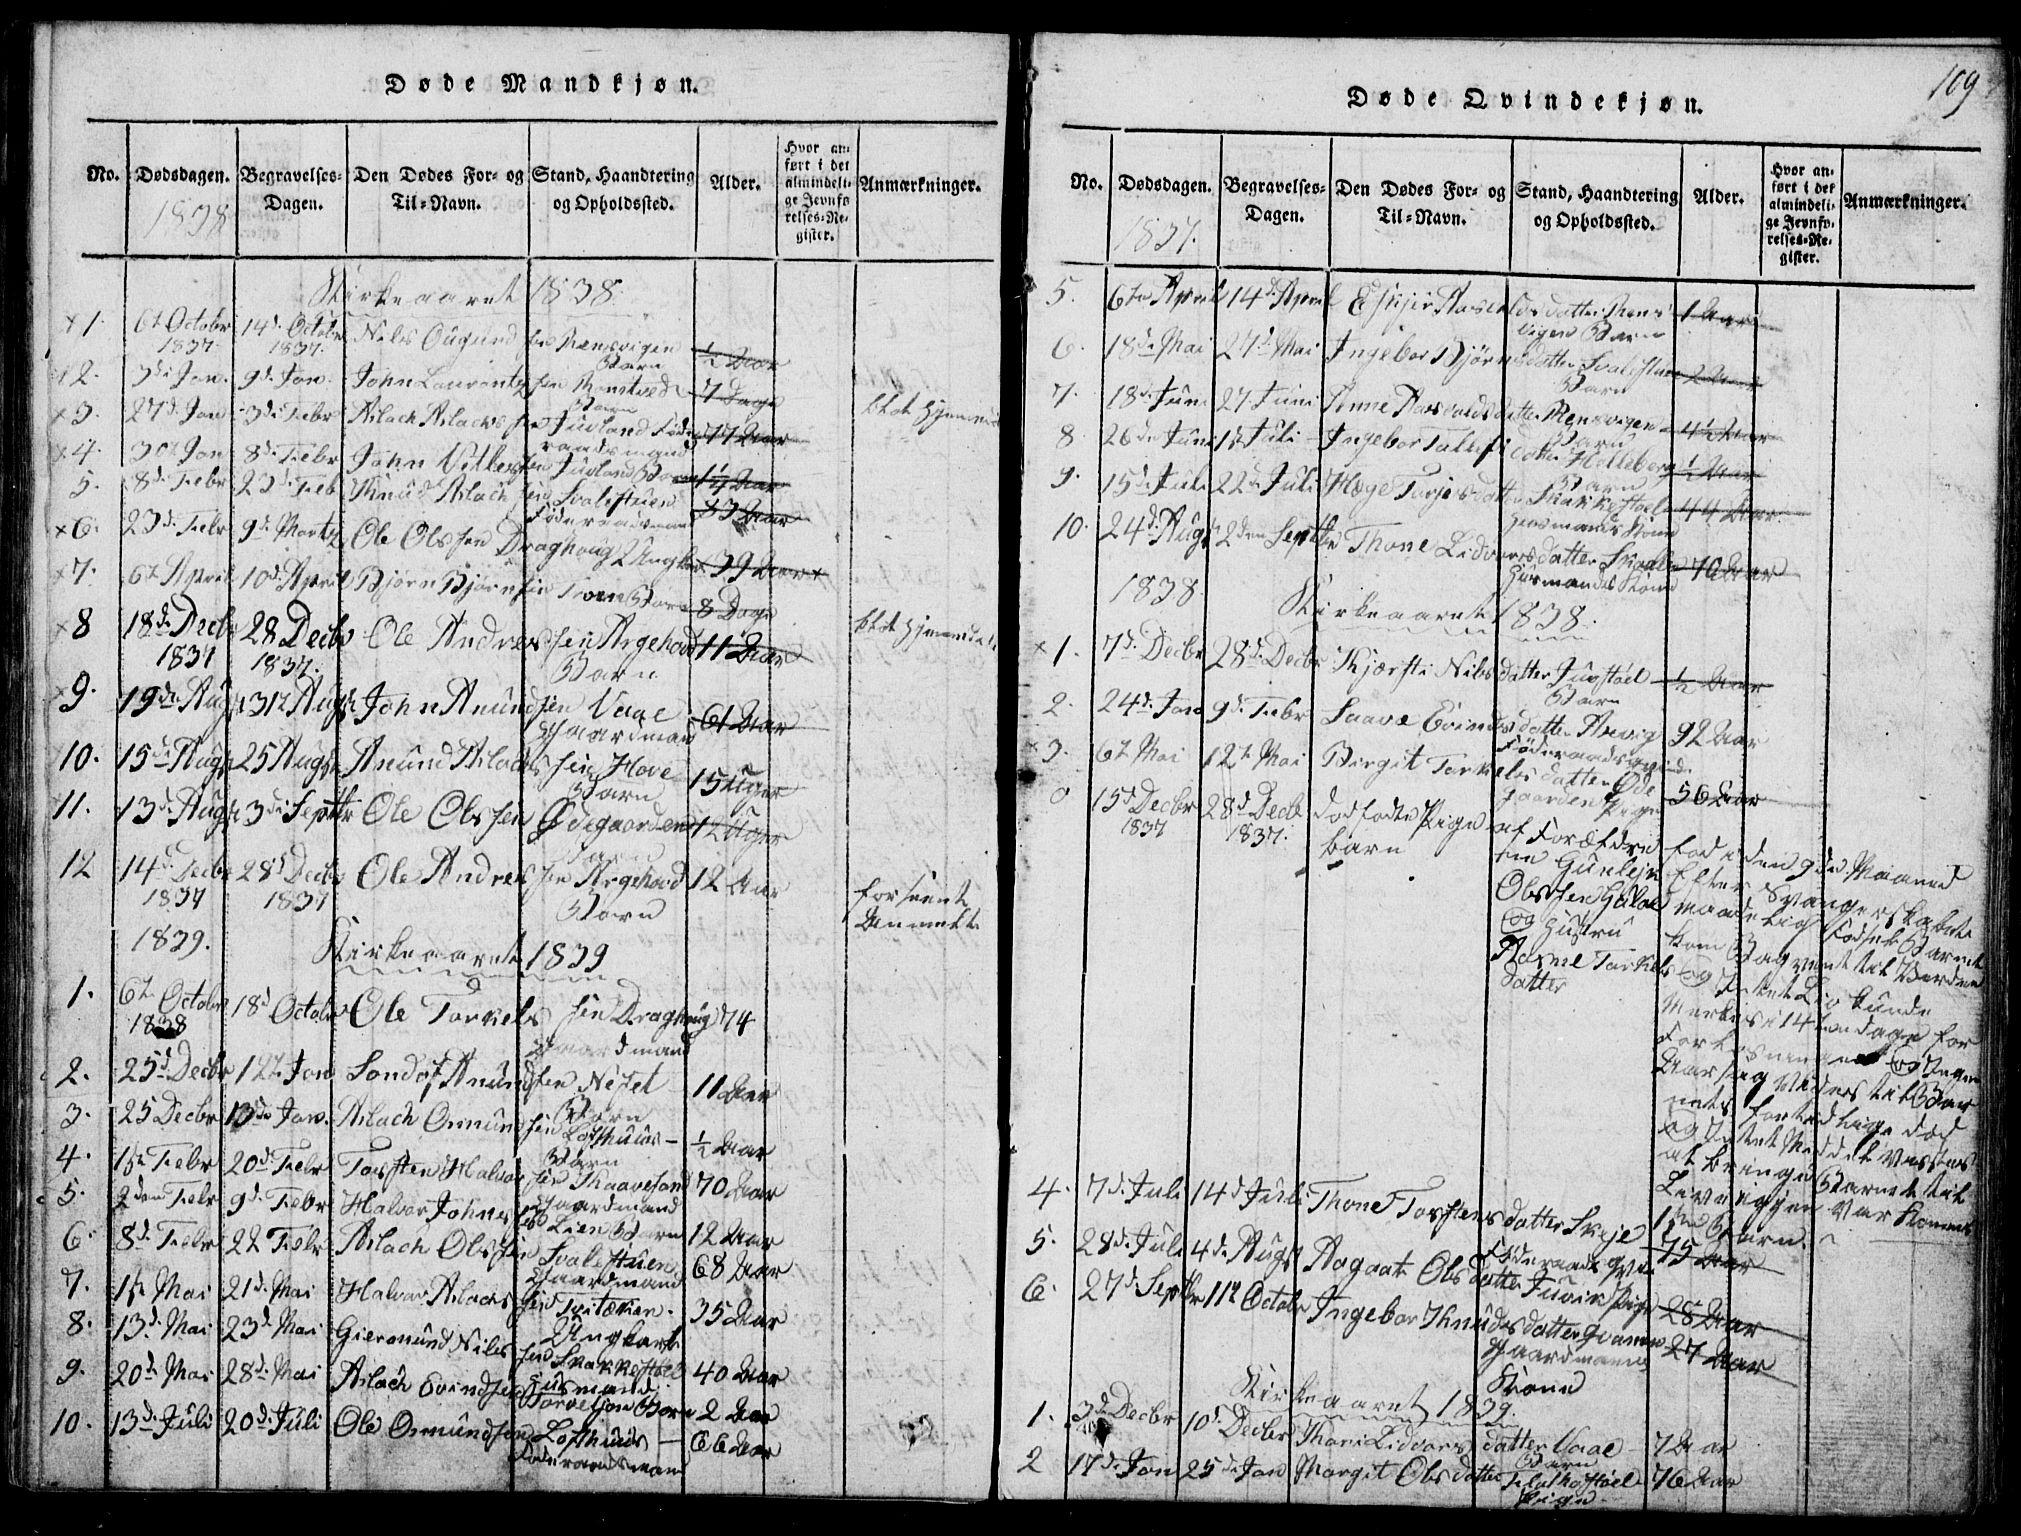 SAKO, Rauland kirkebøker, G/Ga/L0001: Klokkerbok nr. I 1, 1814-1843, s. 109